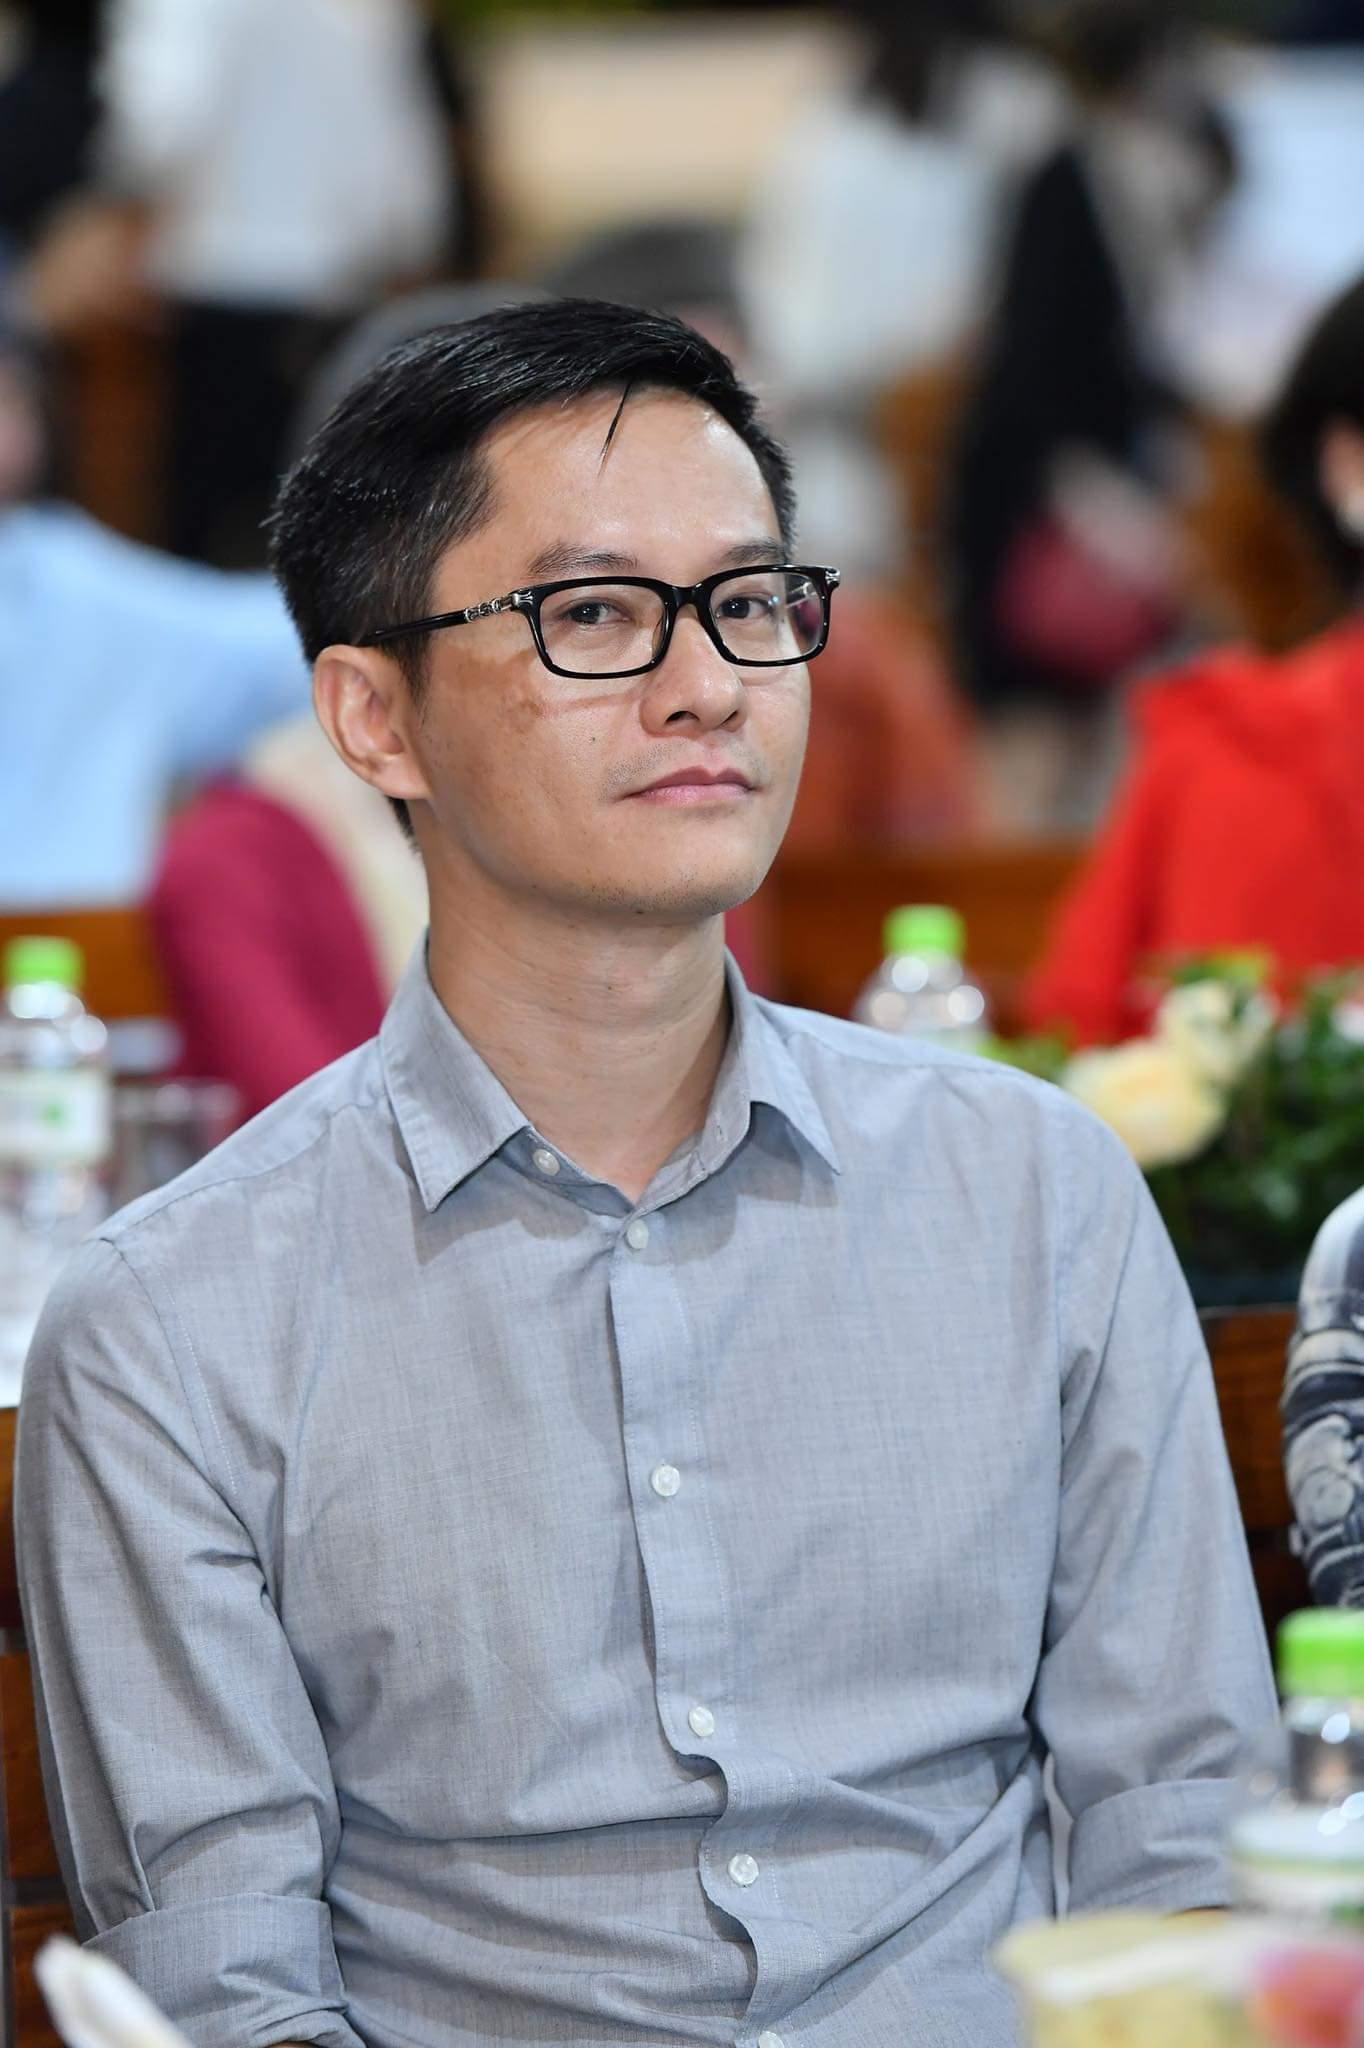 Ông Nguyễn Minh Dũng, Giám đốc Trung tâm Nội dung số VTVcab.